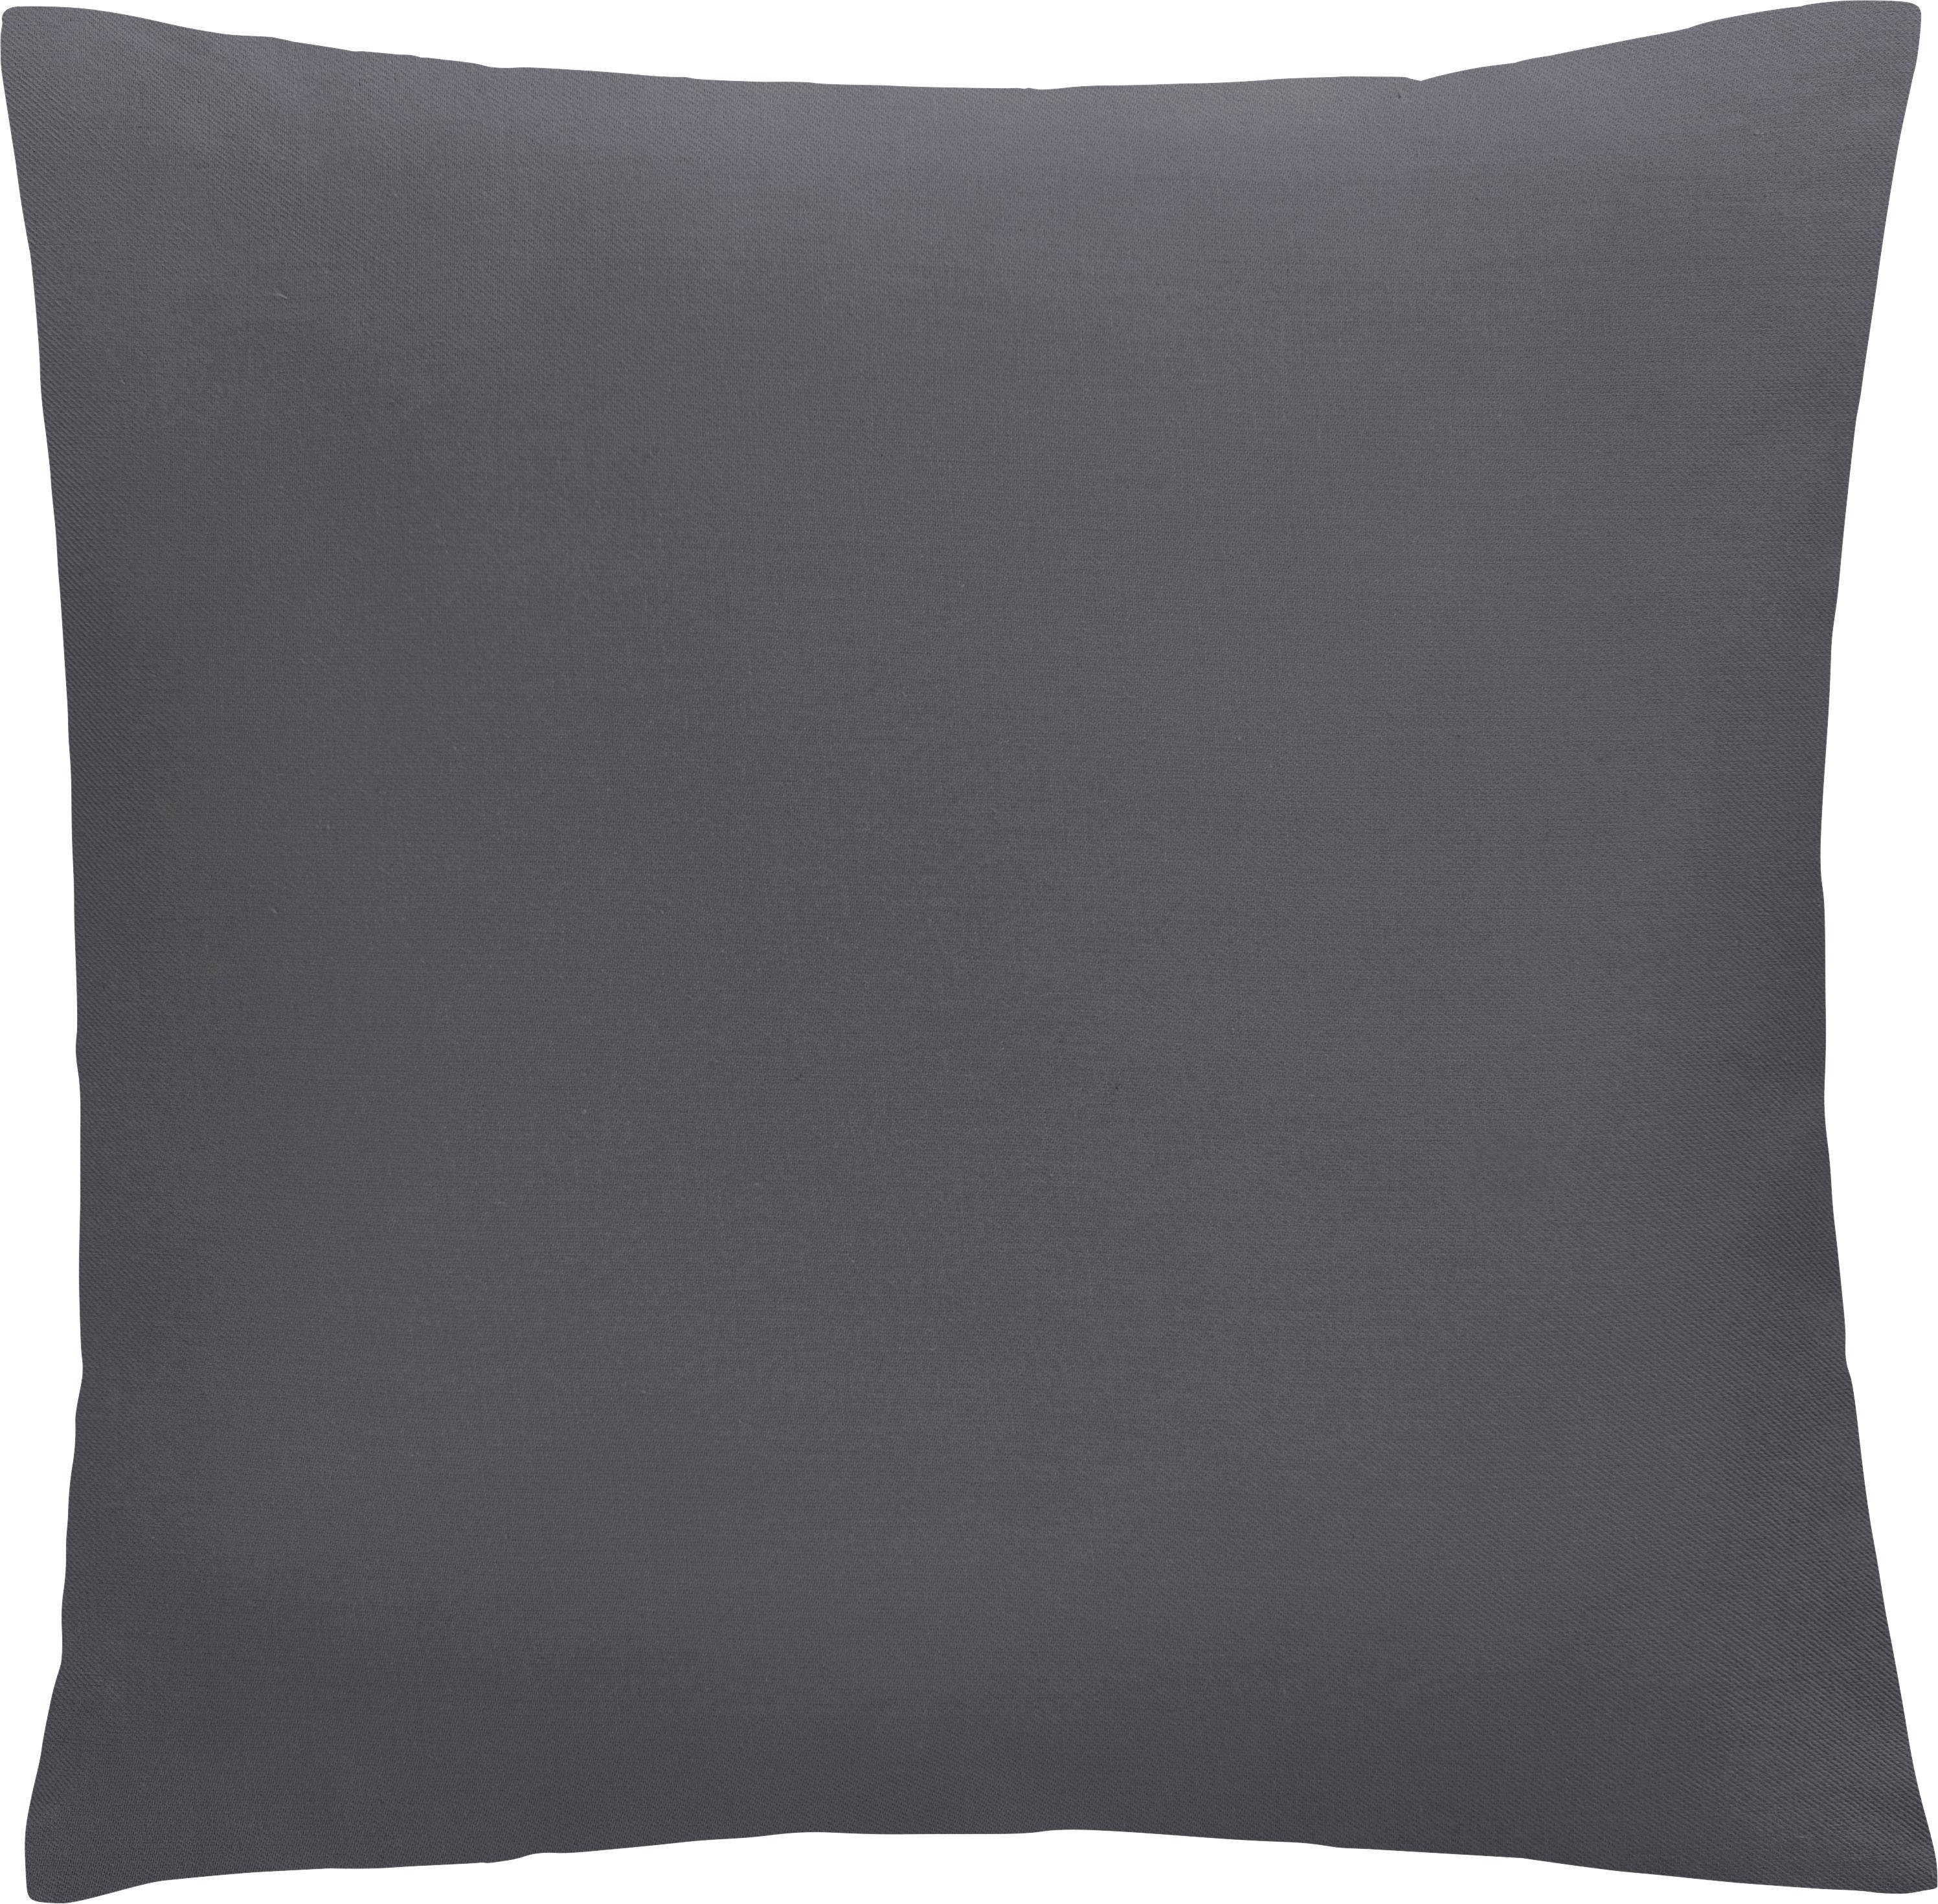 Zierkissen Diane 50x50cm - Dunkelgrau, KONVENTIONELL, Textil (50/50cm) - MÖMAX modern living